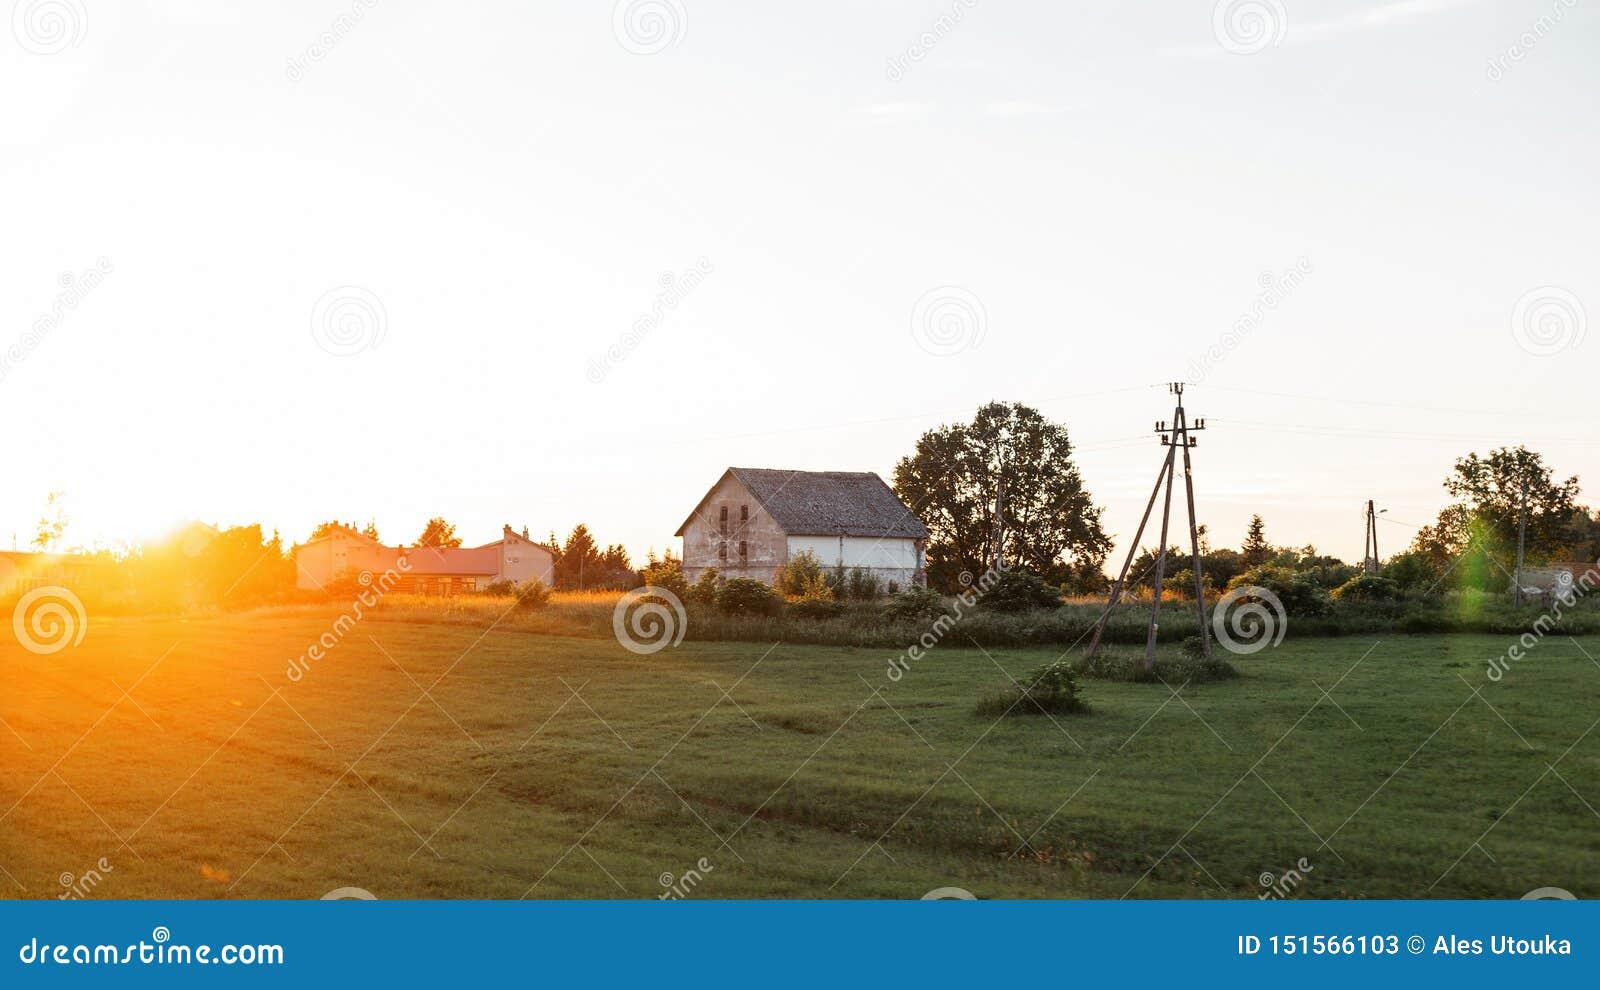 Винтажный Белый Дом в поле в деревне на предпосылке фон яркого оранжевого захода солнца Остатки в сельской местности